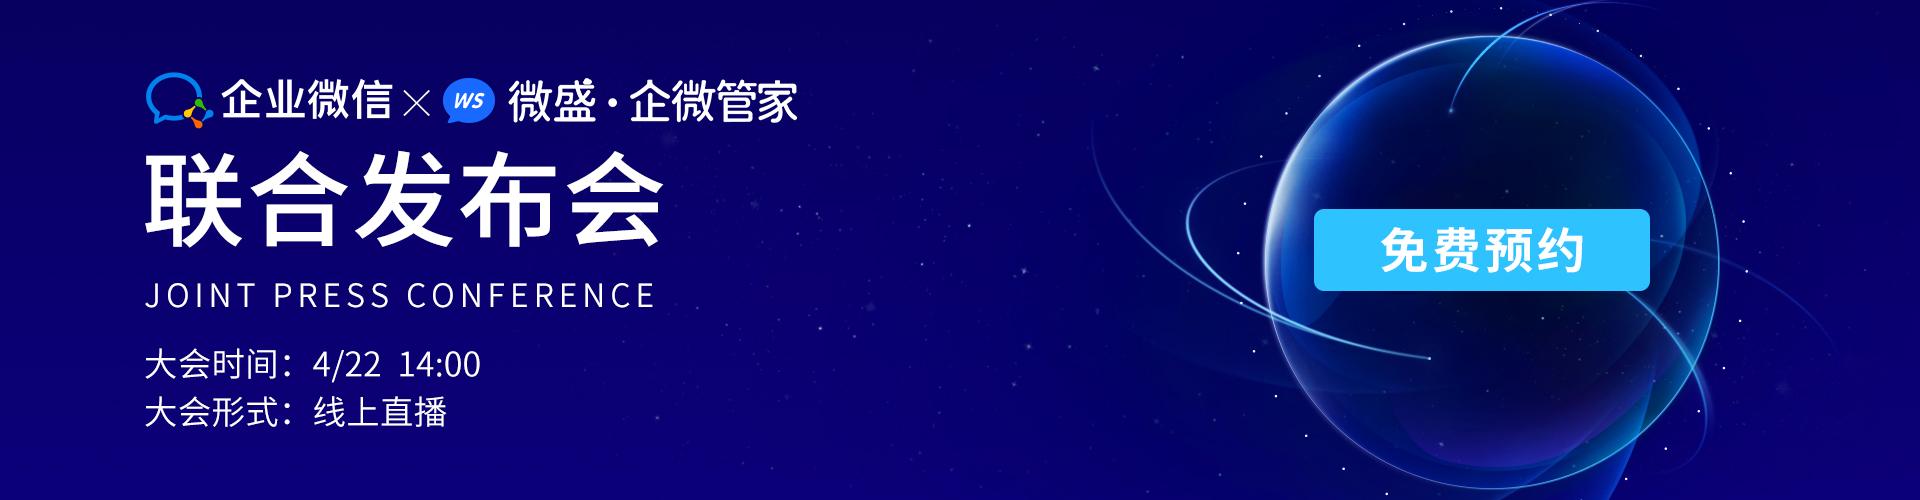 企业微信x微盛企微管家发布会